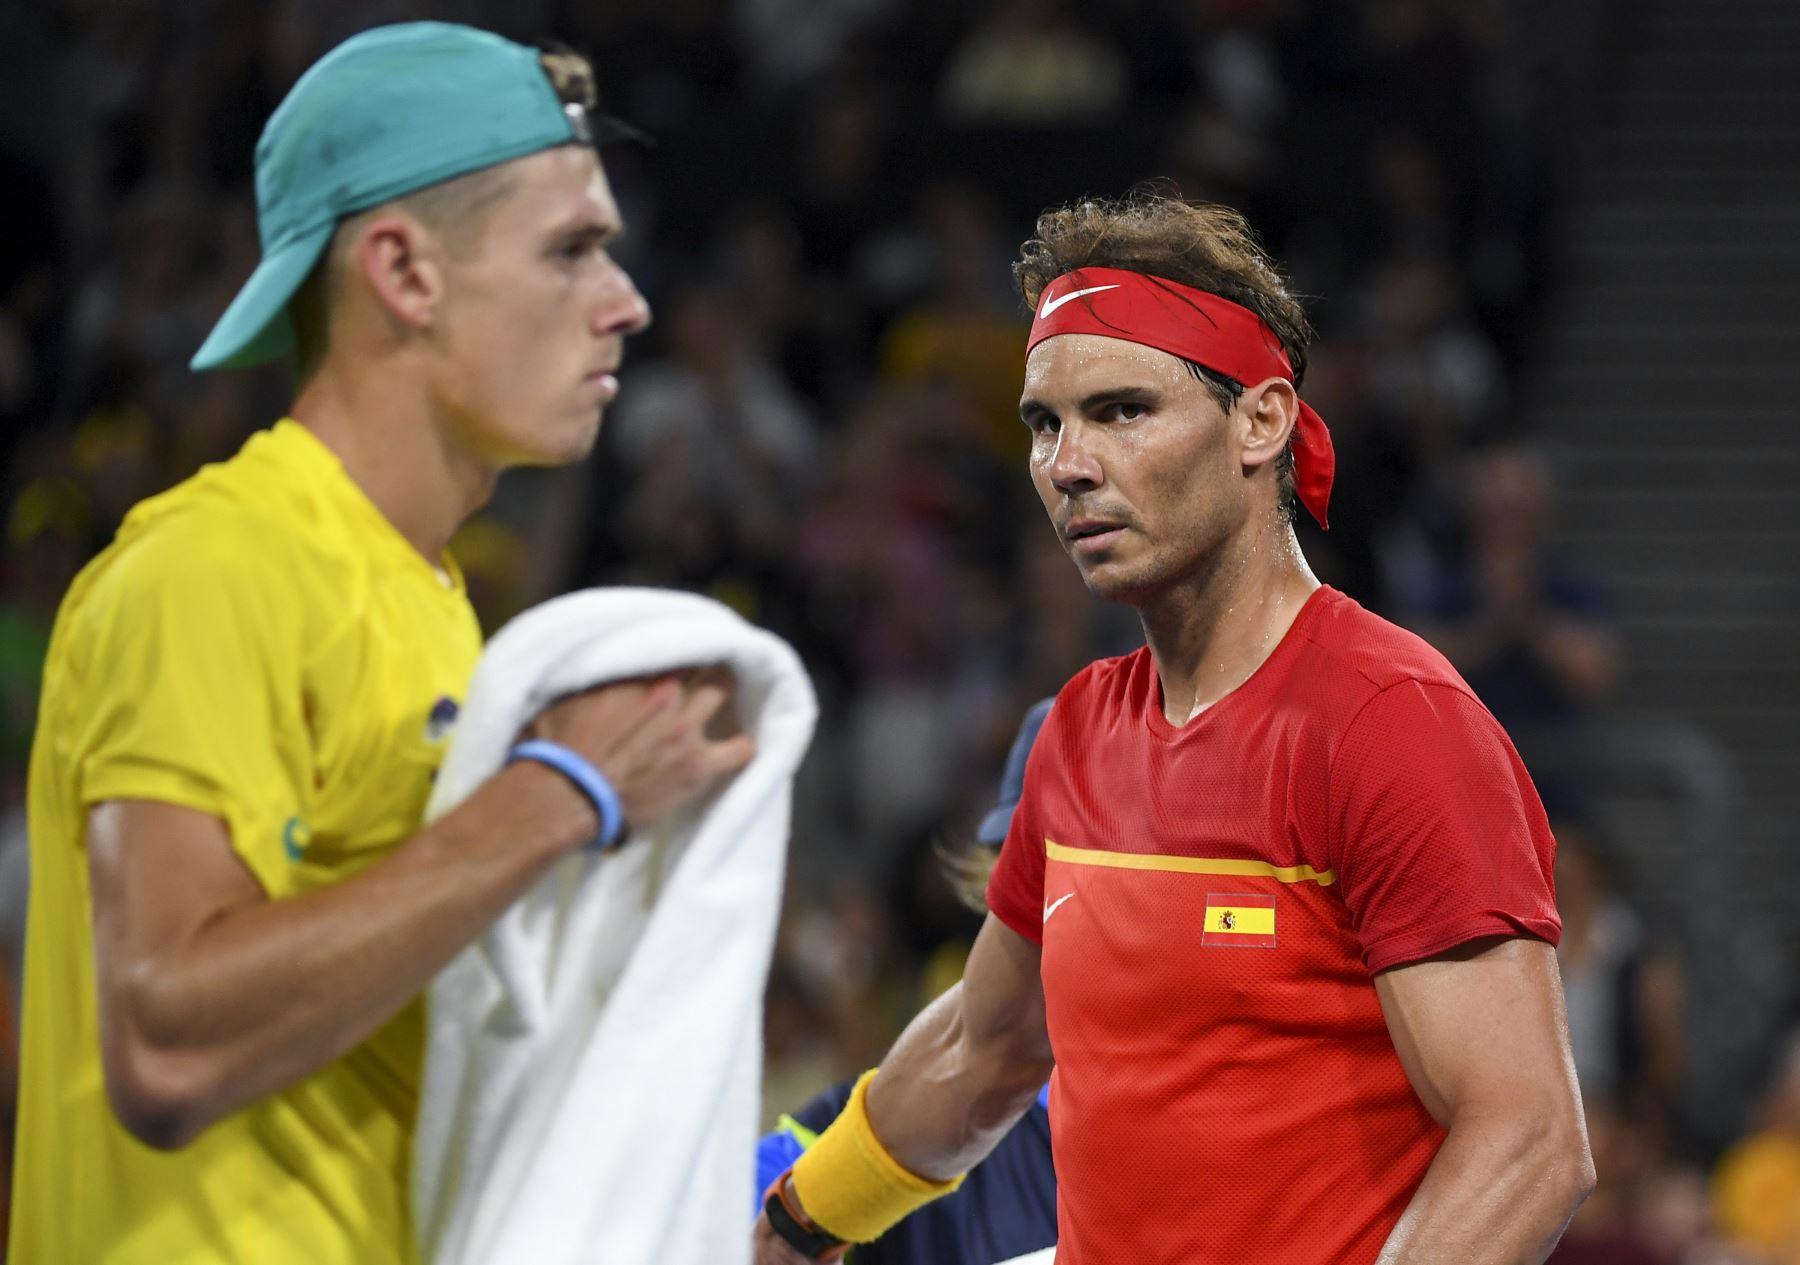 Rafael Nadal de España camina hacia su final durante su partido individual masculino contra Alex de Minaur de Australia en el torneo de tenis ATP Cup en Sydney. Foto: AFP